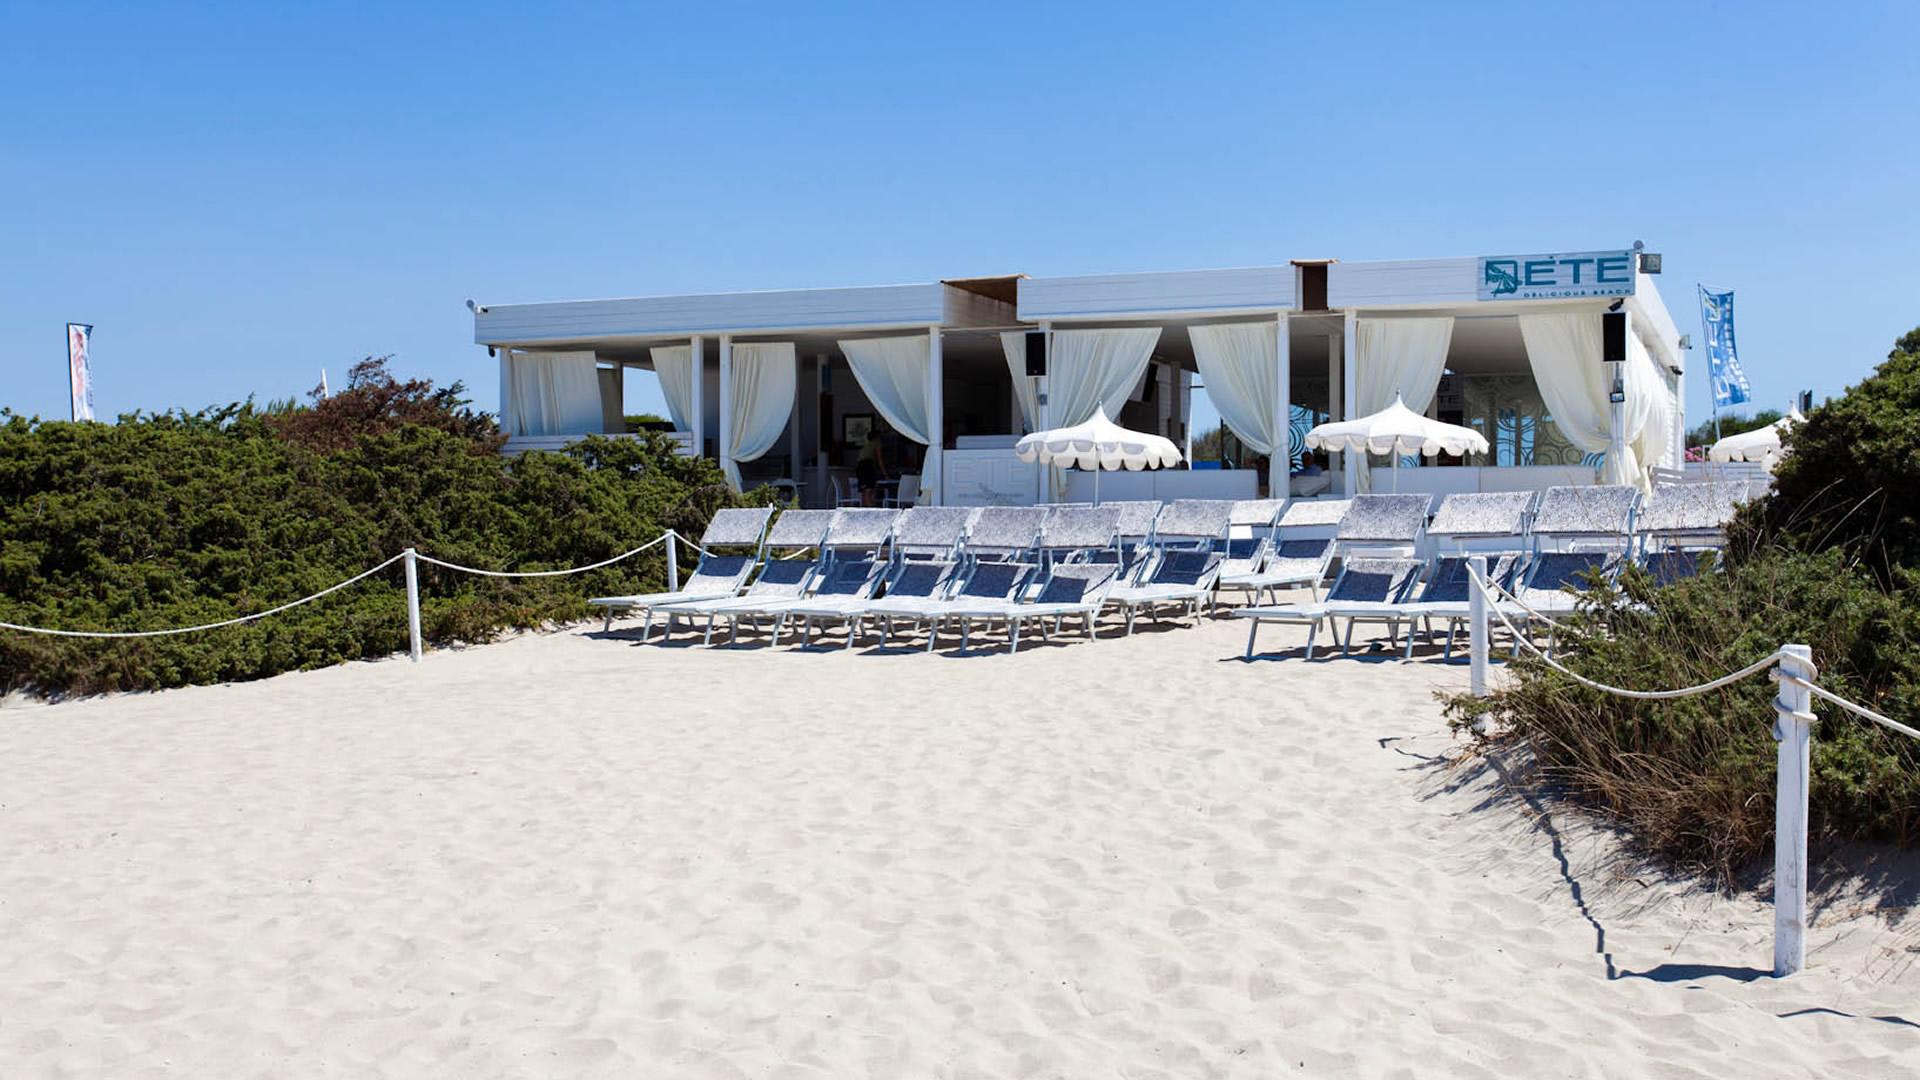 Lidi e Spiagge in convenzione con Hotel Risberg